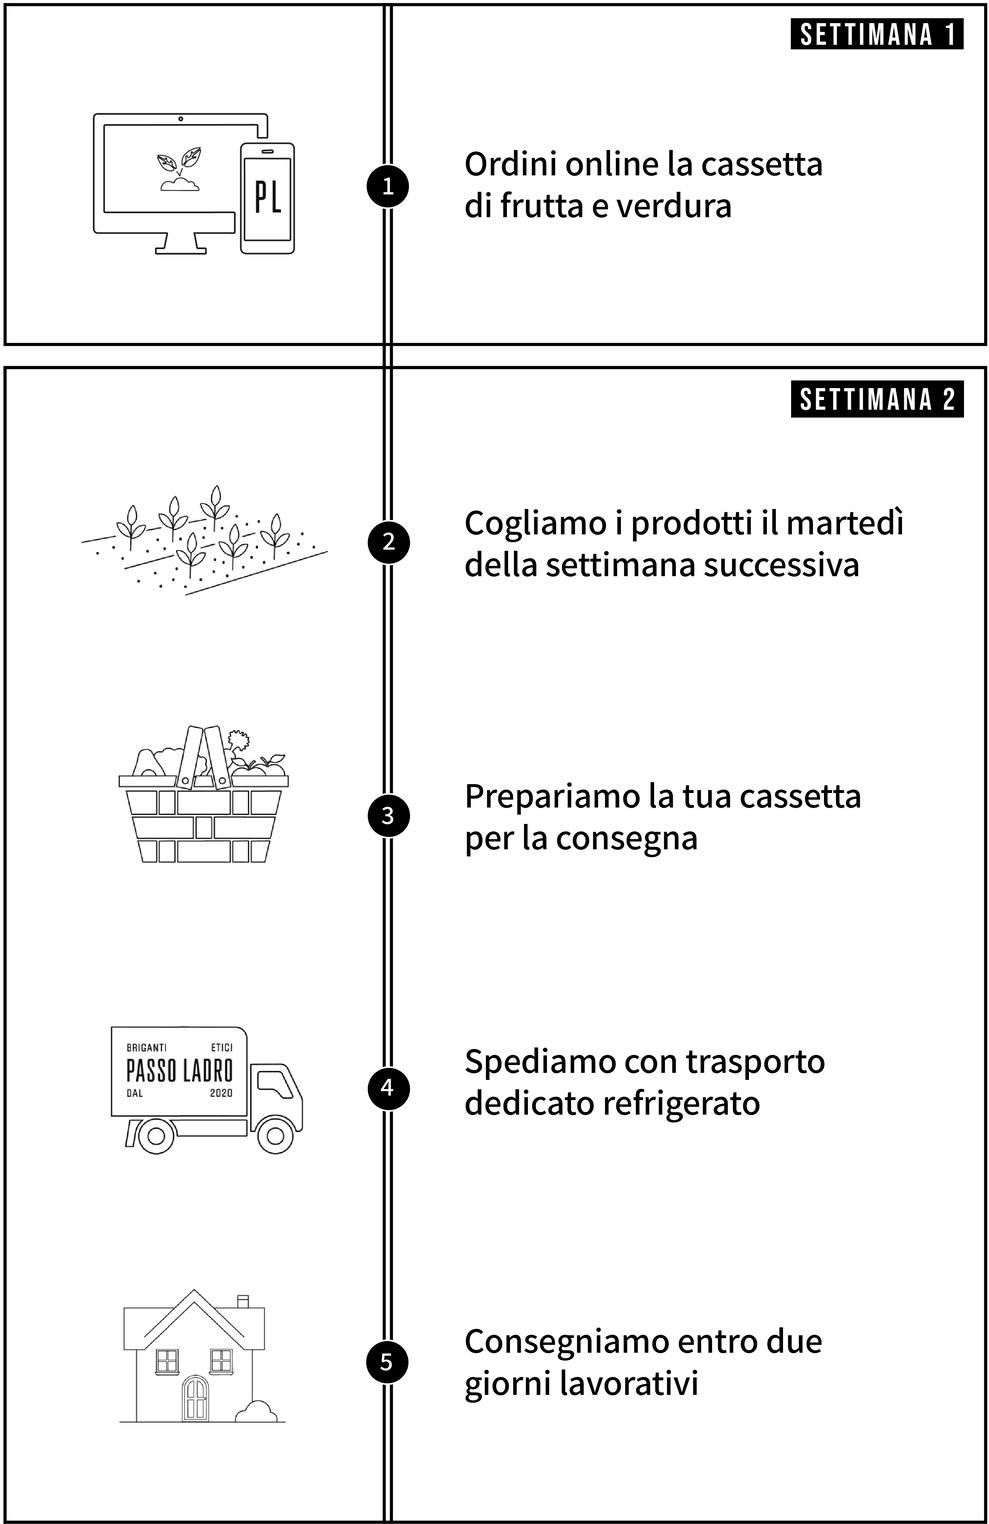 Infografica del processo di consegna delle cassette di frutta e verdura Bio